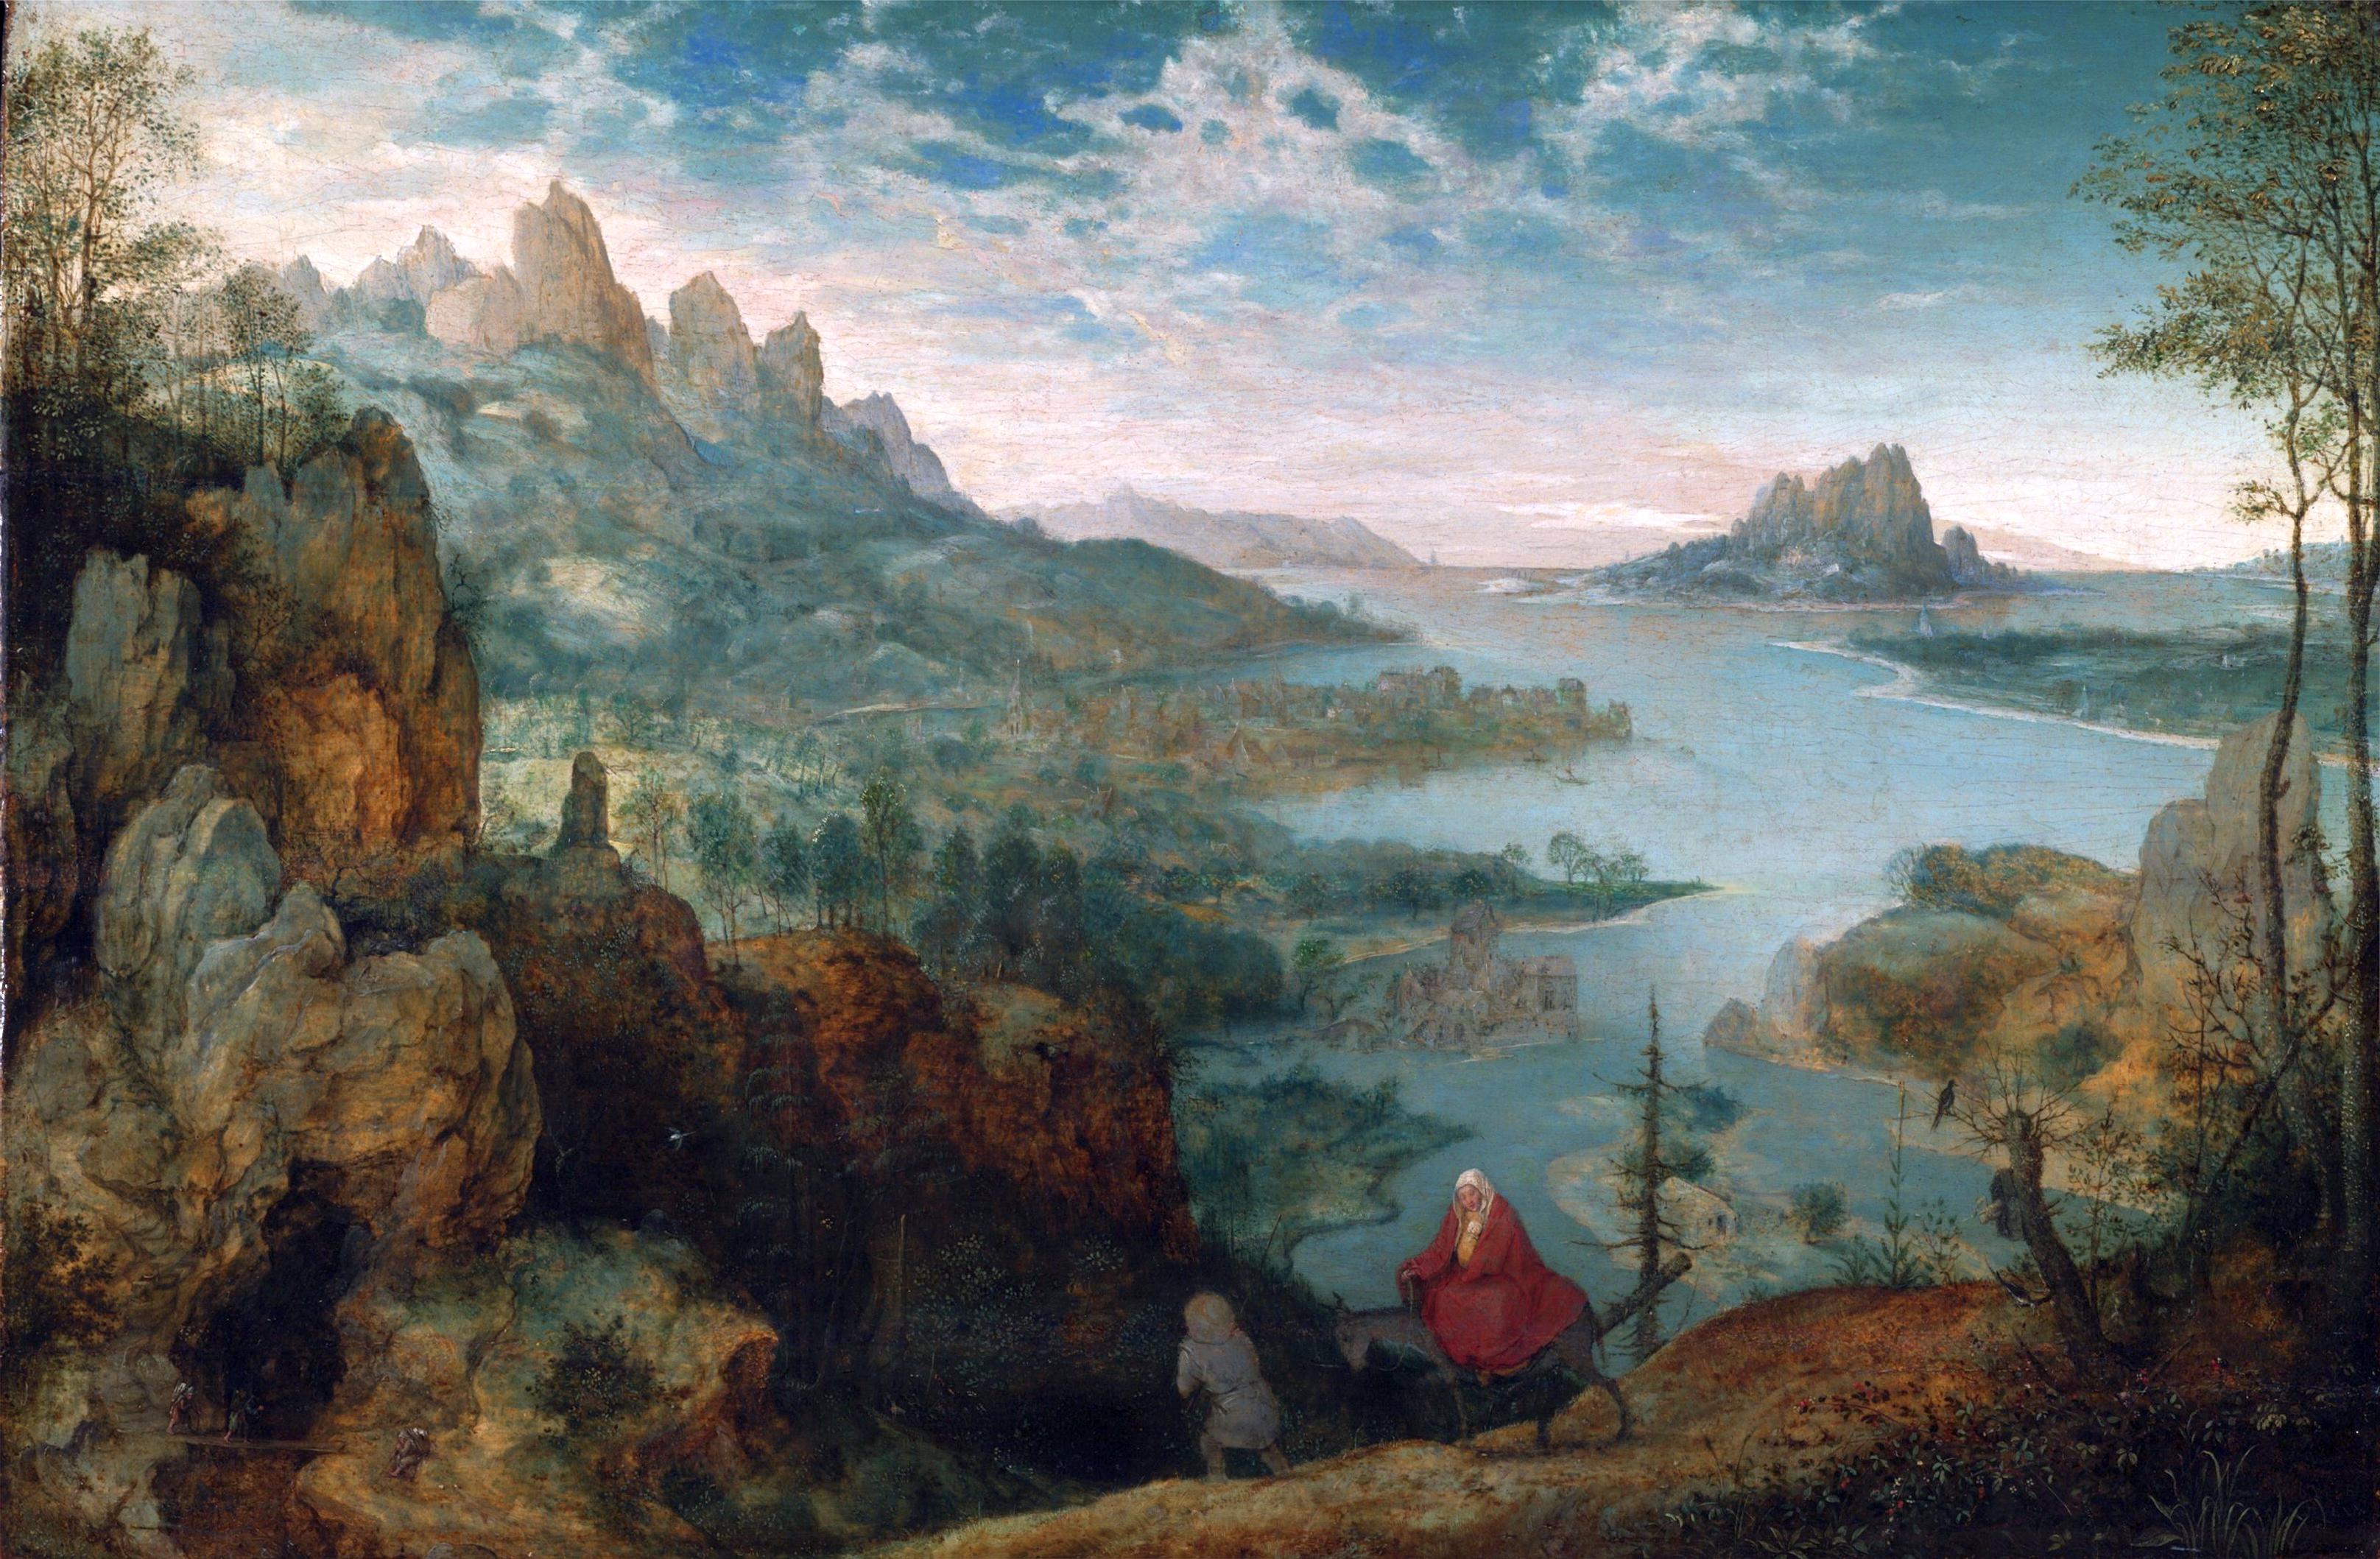 Early Netherlandish painting